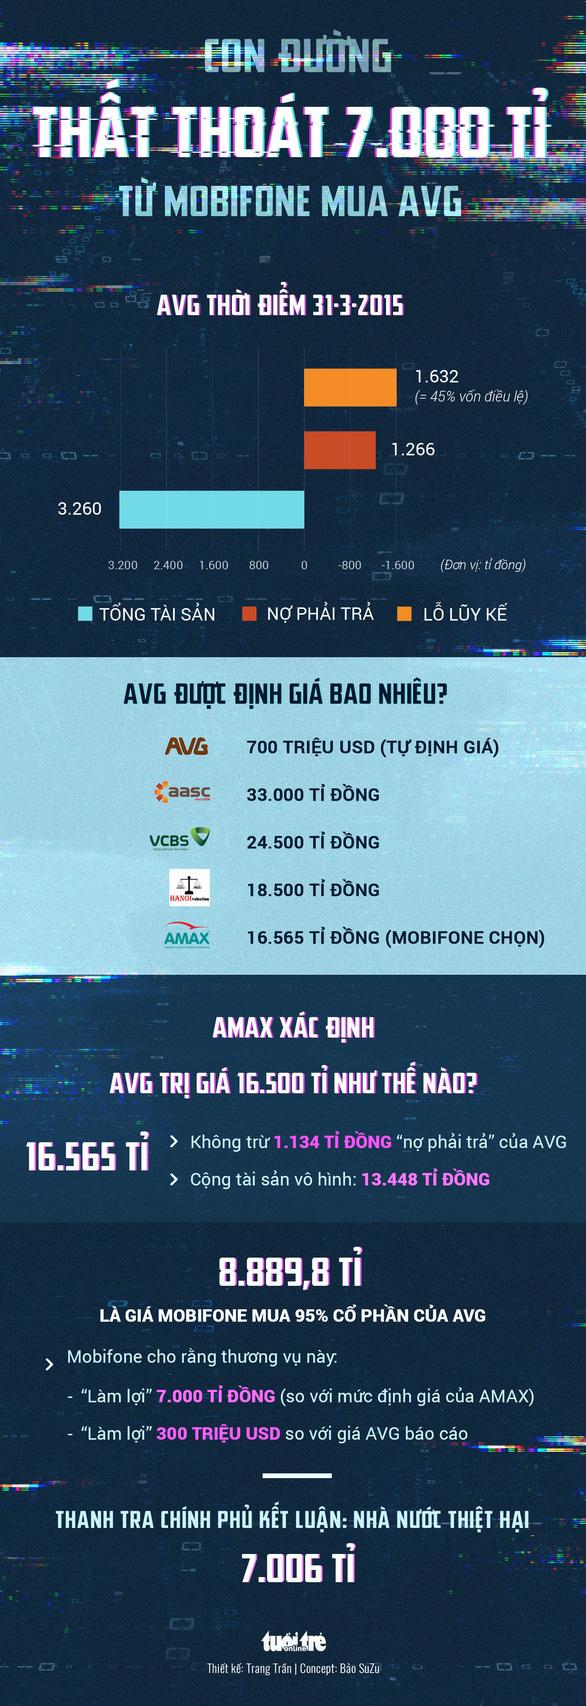 Mobifone mua AVG làm thất thoát 7.006 tỉ như thế nào? - Ảnh 1.